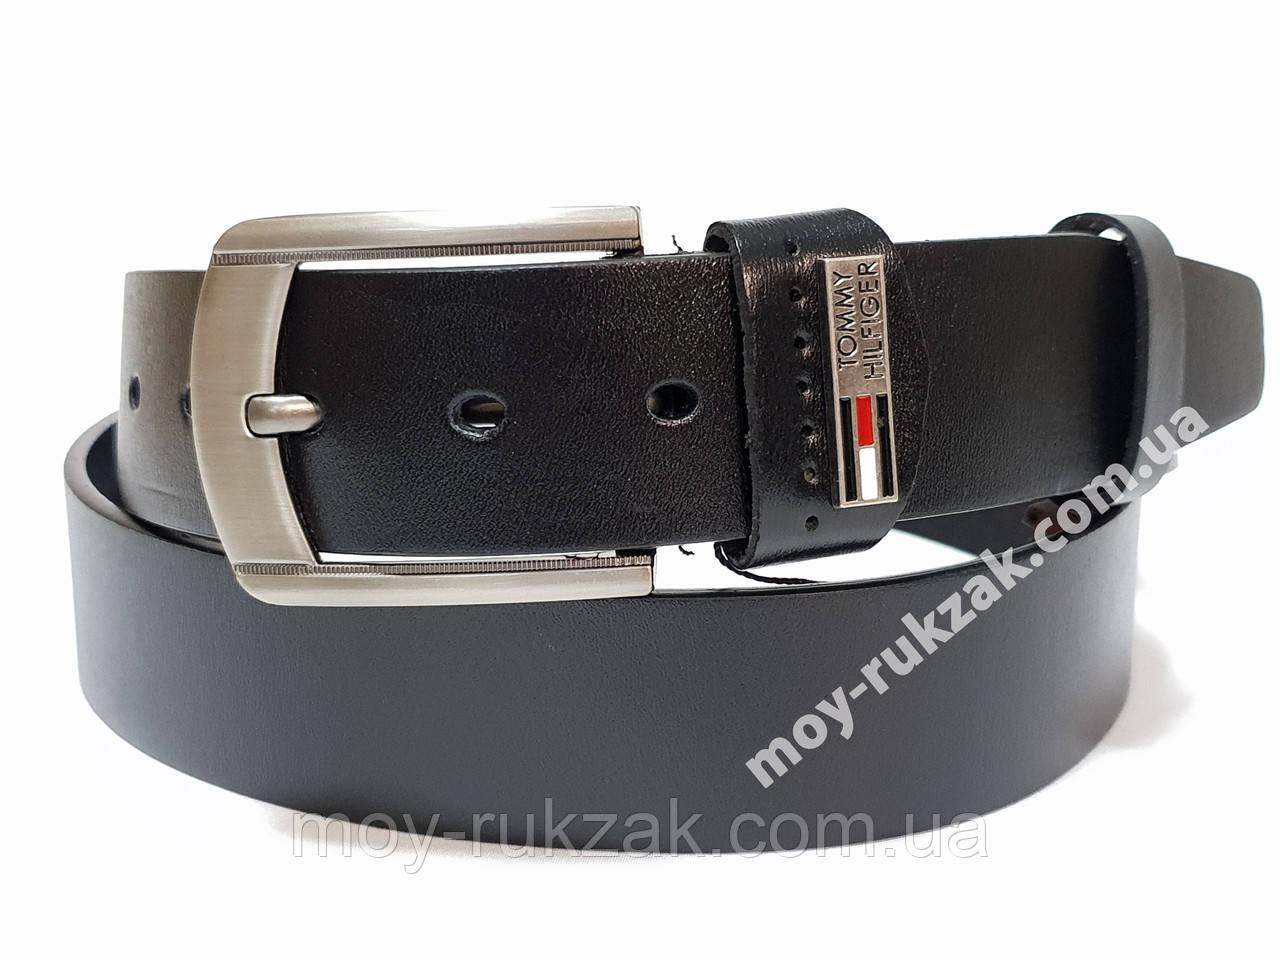 Ремень мужской кожаный Tommy Hilfiger 40 мм., реплика арт. 930647